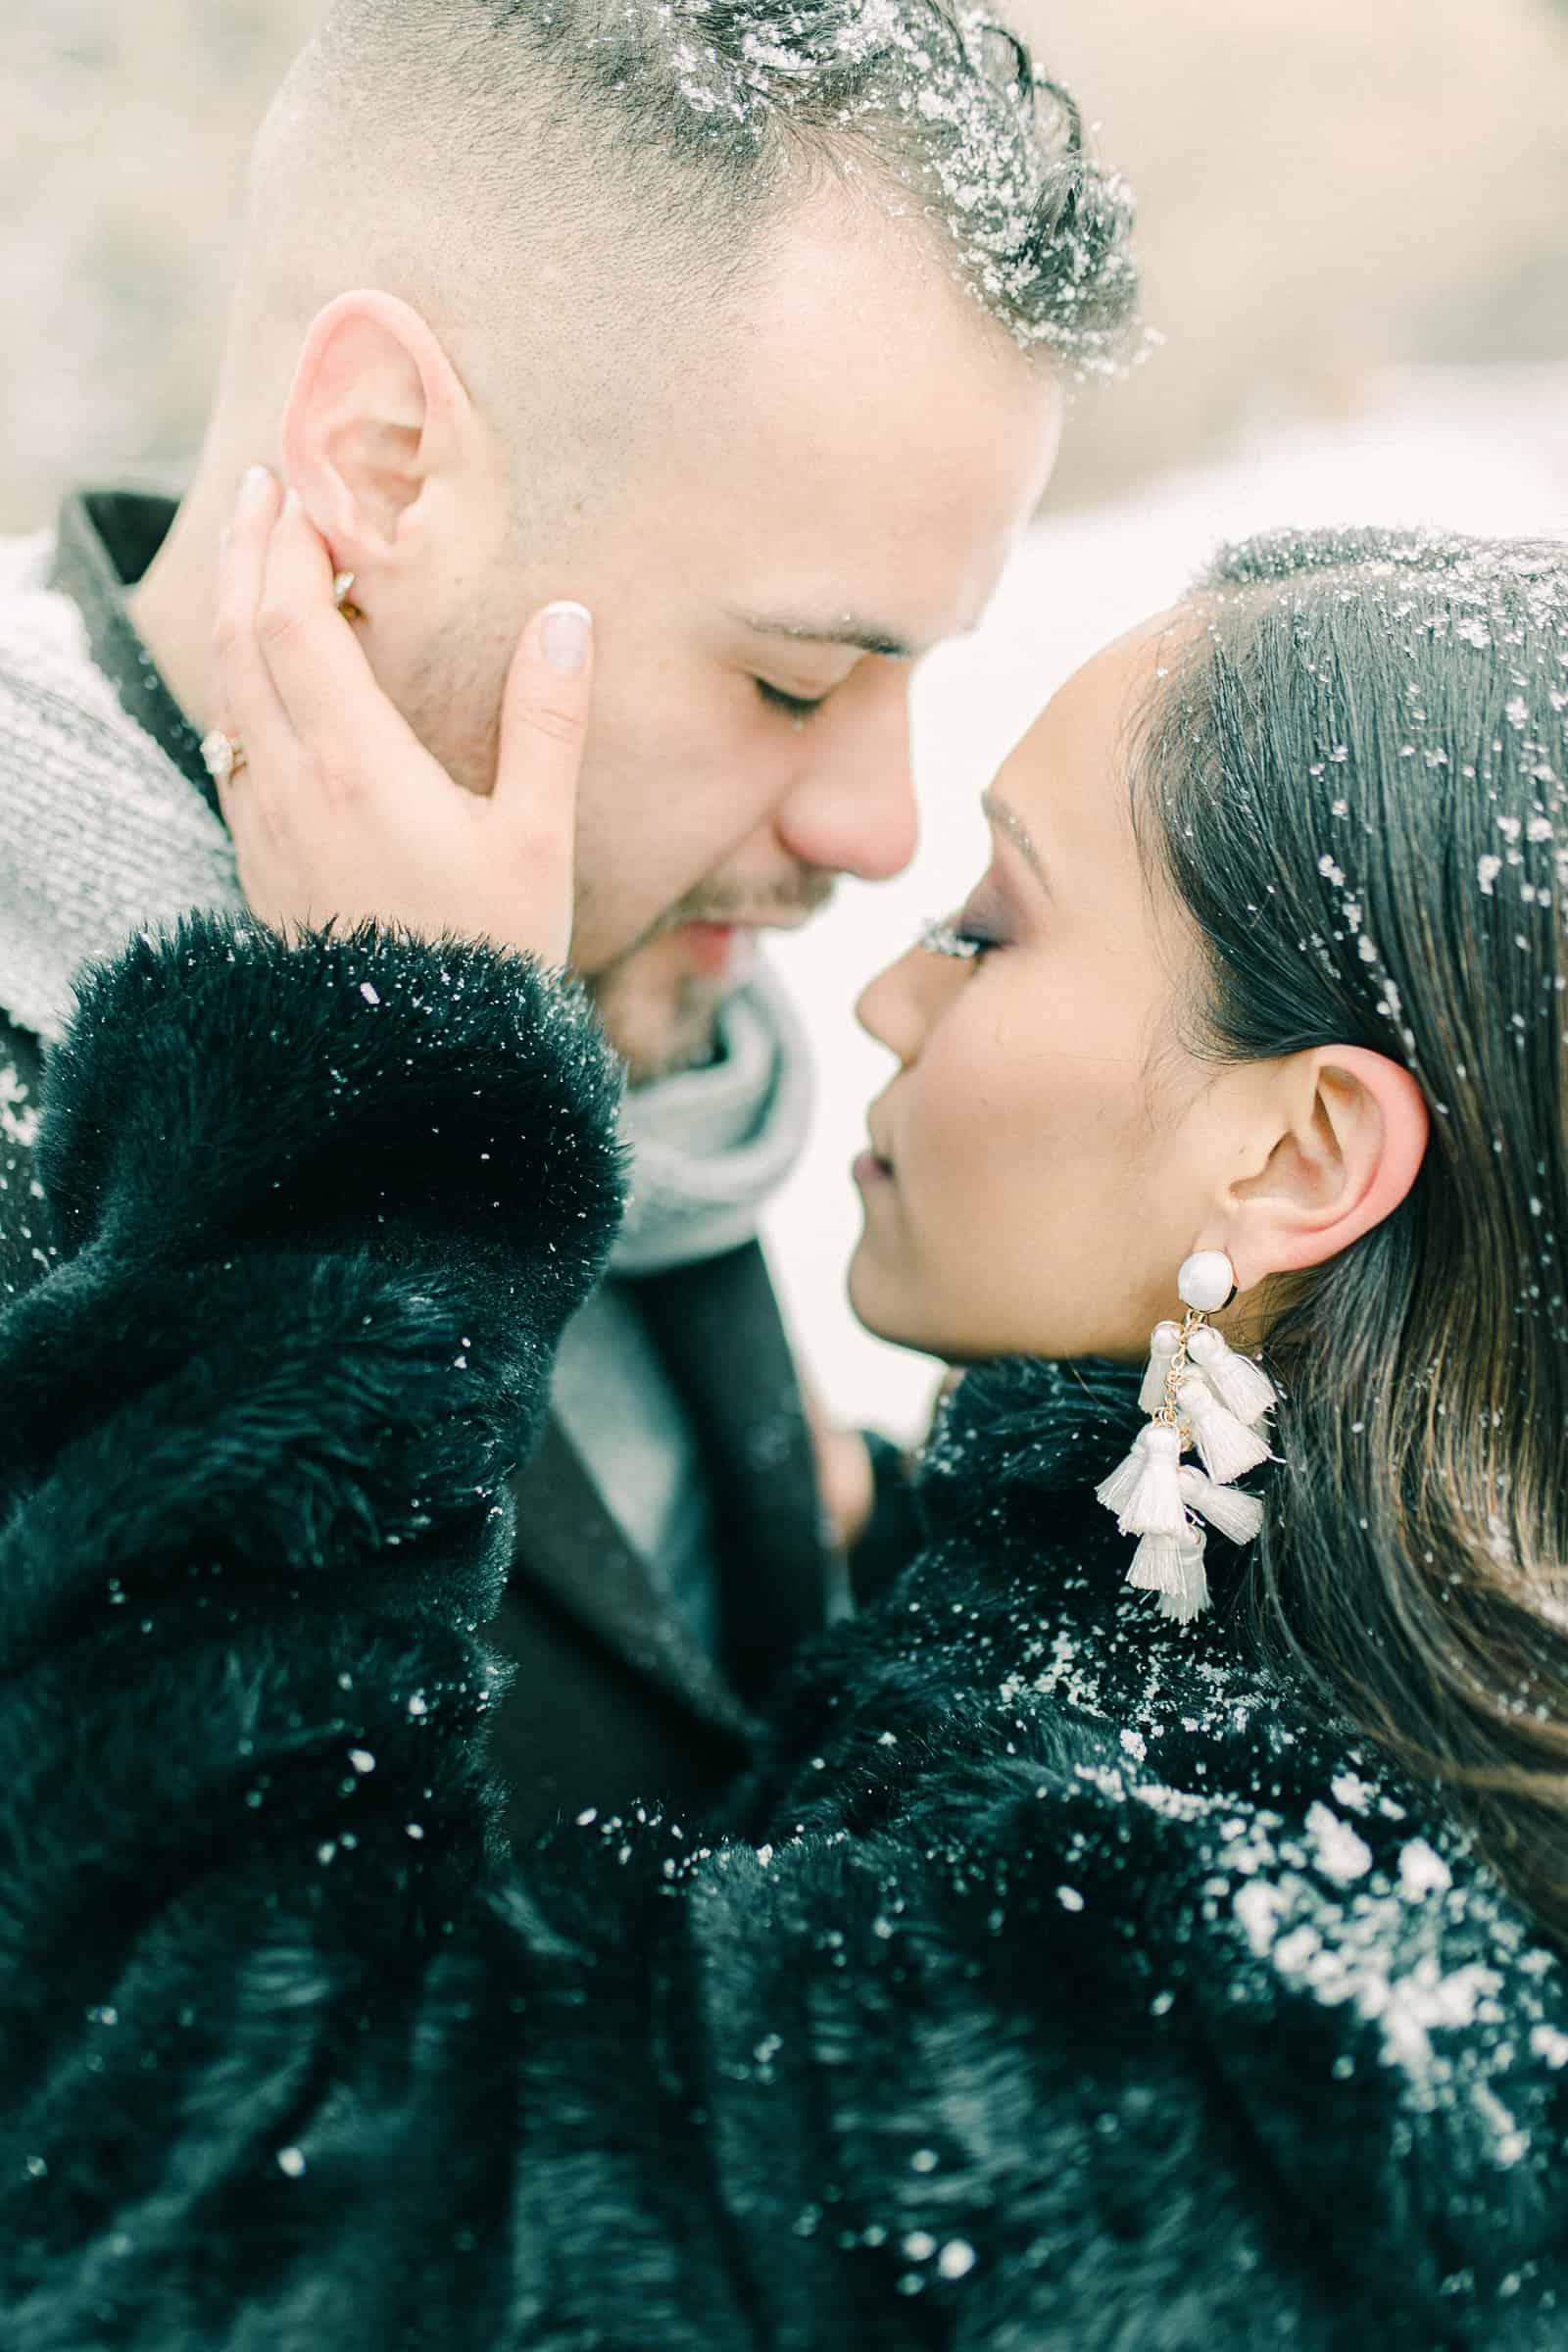 Snow on eyelashes, winter engagement